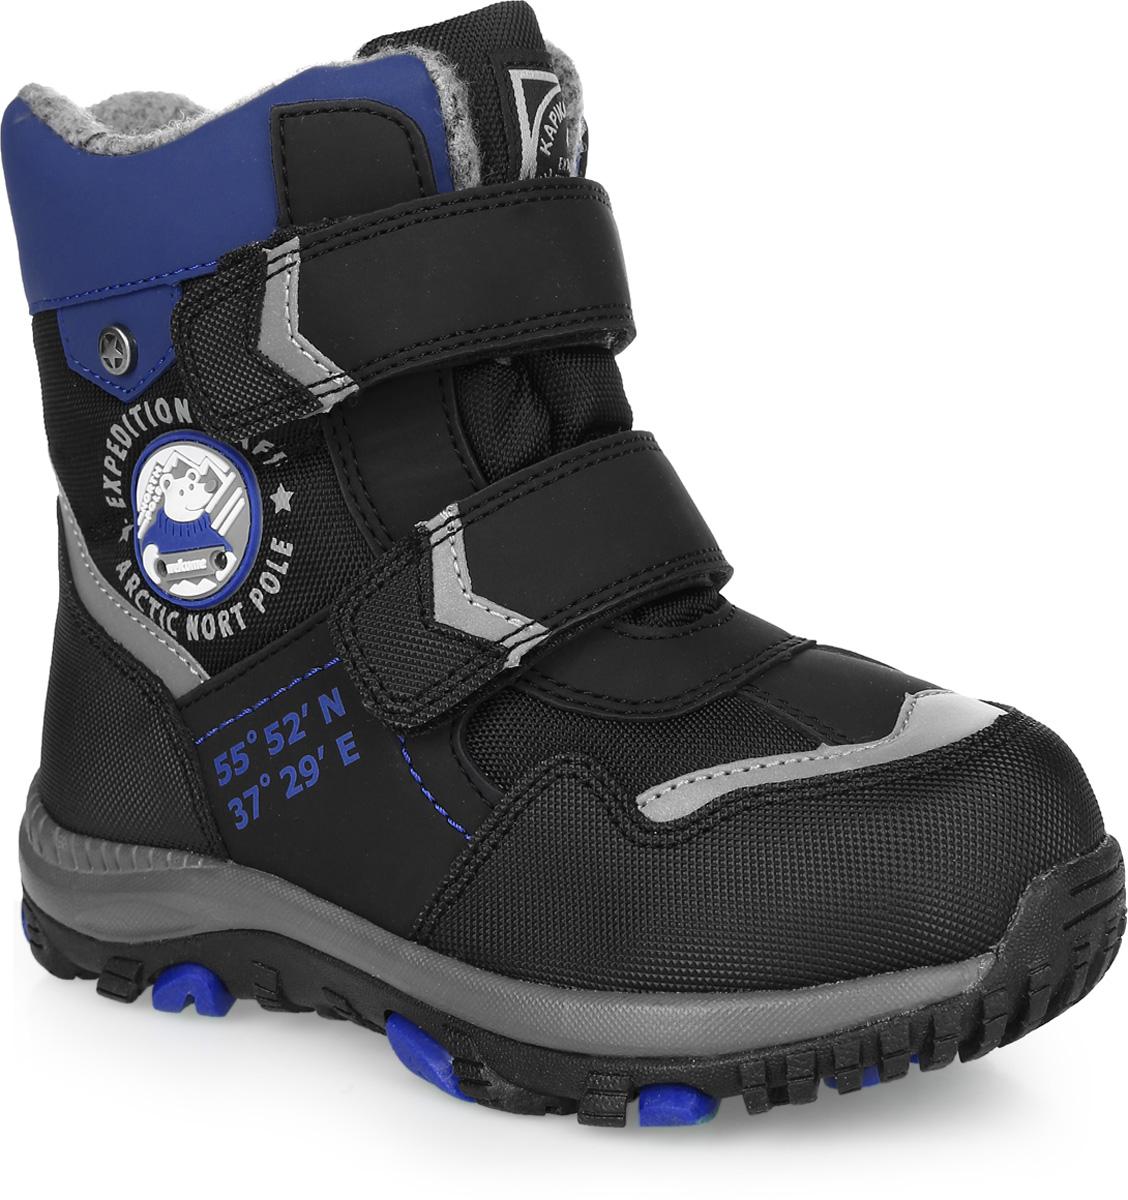 42185-2Ботинки от Kapika придутся по душе вашему мальчику. Модель идеально подходит для зимы, сохраняет комфортный микроклимат в обуви как при ношении на улице, так и в помещении. Верх обуви изготовлен из искусственной кожи со вставками из водонепроницаемого текстиля. Два ремешка на застежке-липучке надежно зафиксируют изделие на ноге. Боковая сторона и язычок декорированы логотипом бренда . Подкладка и стелька изготовлены из натуральной шерсти, что позволяет сохранить тепло и гарантирует уют ногам. Подошва с рифлением обеспечивает идеальное сцепление с любыми поверхностями. Такие чудесные ботинки займут достойное место в гардеробе вашего ребенка.